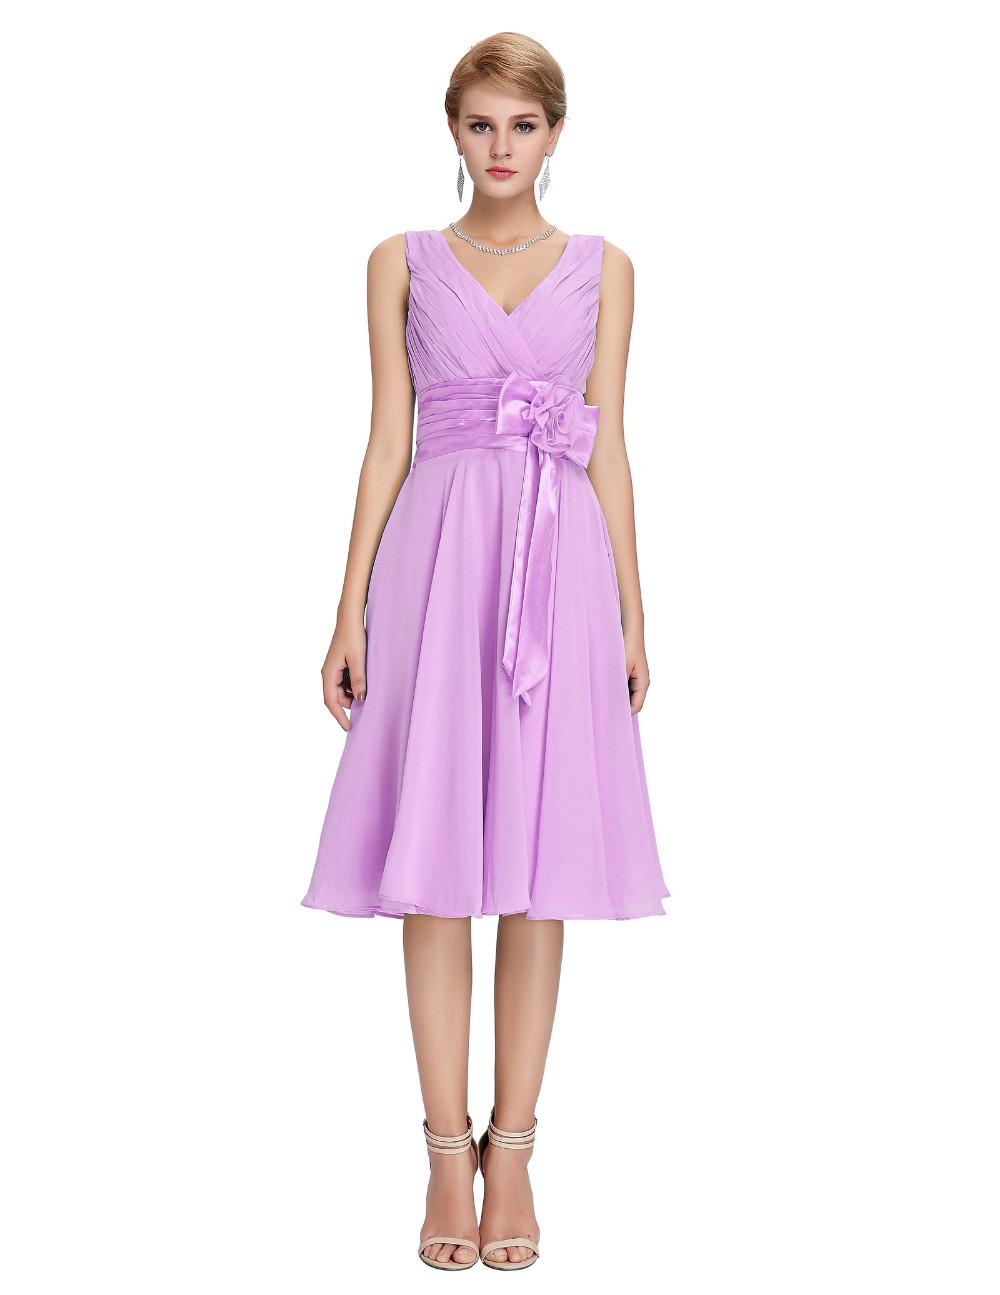 HTB15YYFMVXXXXaUapXXq6xXFXXXSKnee Length Short Chiffon Blue Dress